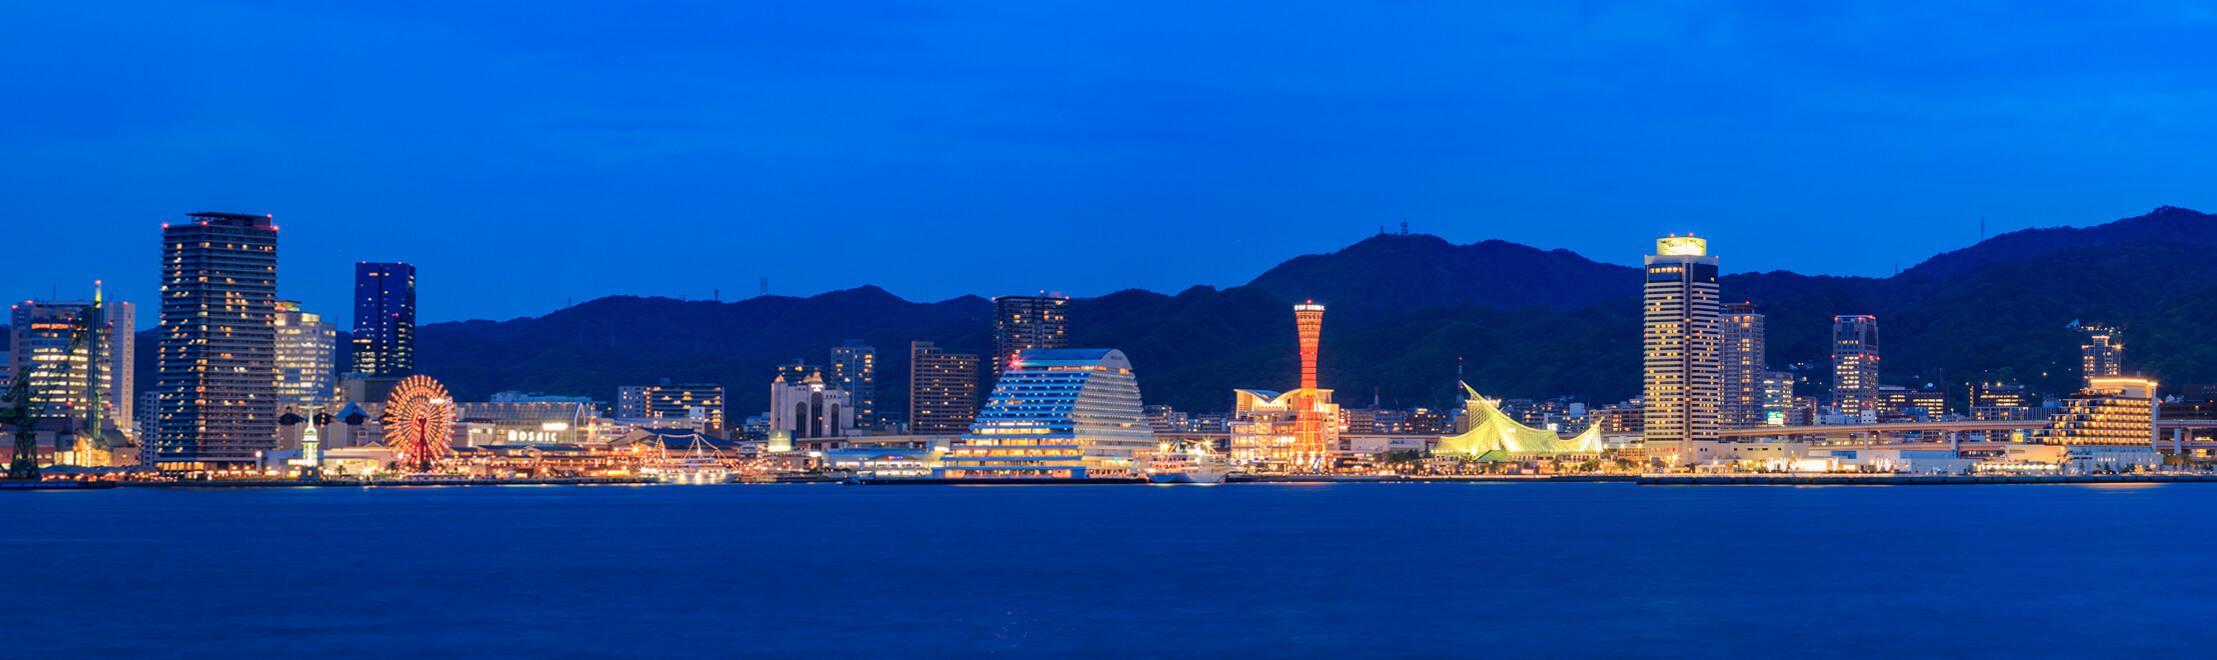 ポートアイランド北公園から撮影した神戸港の夜景